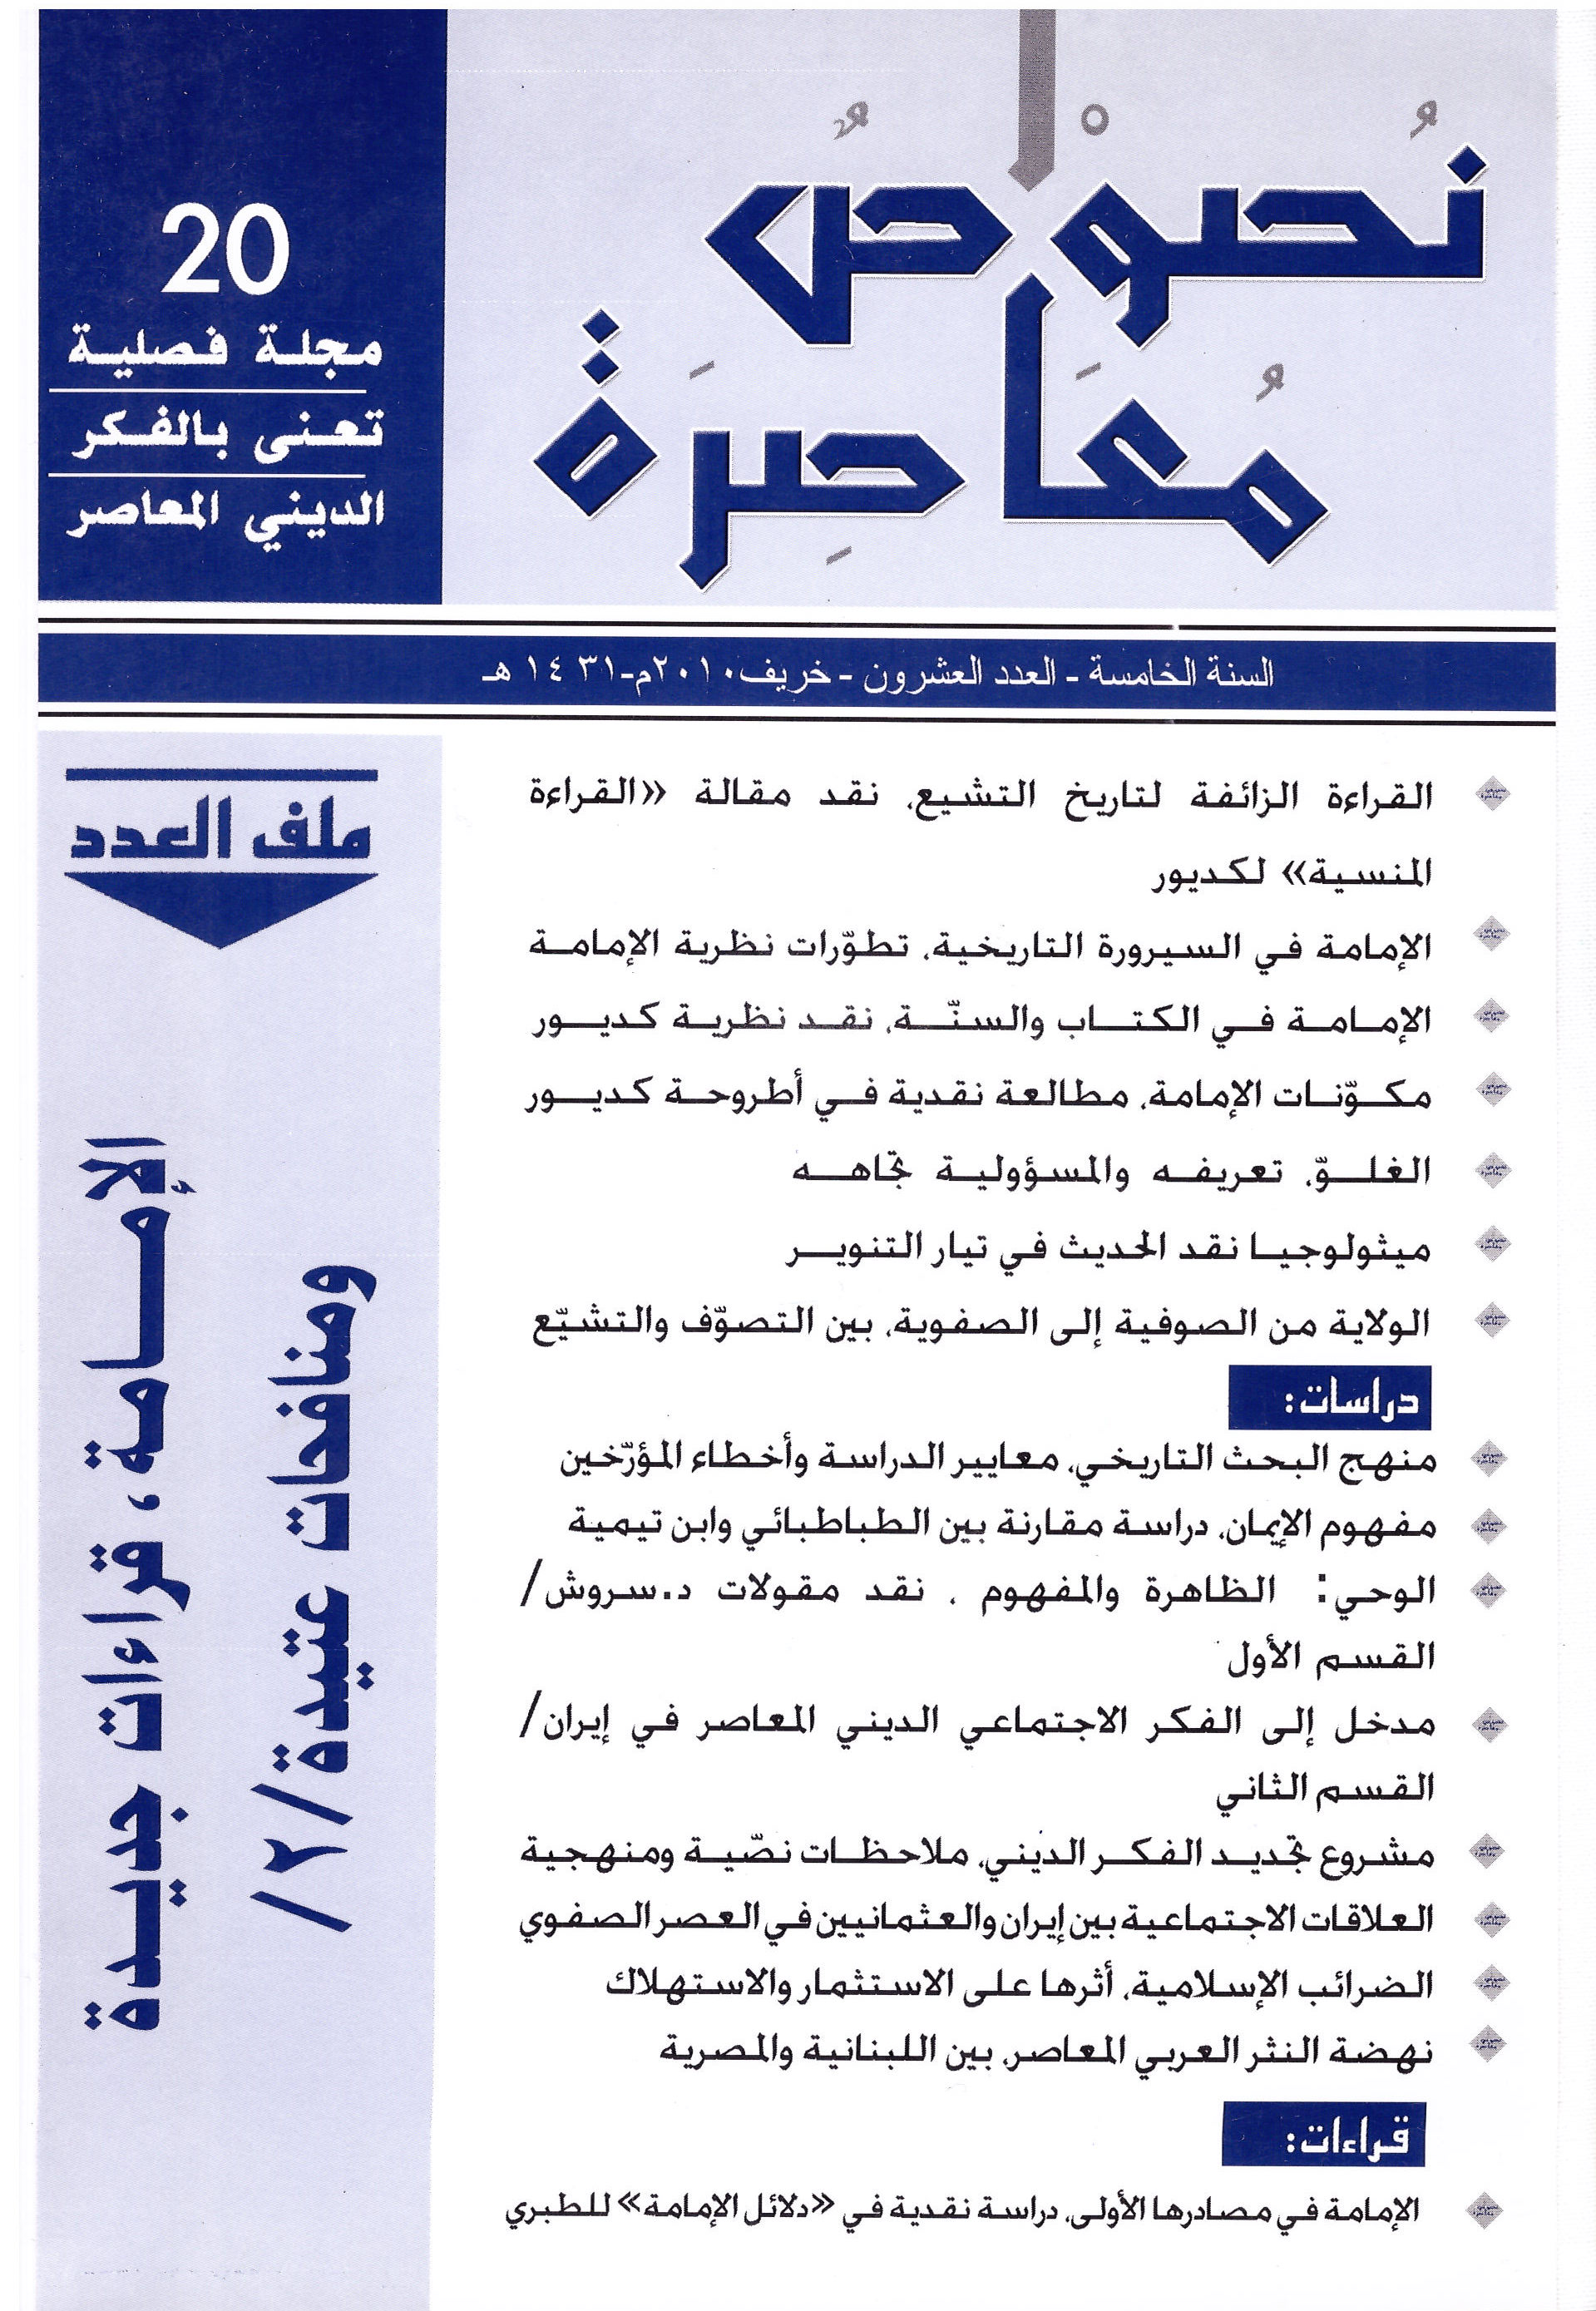 العلماء الأبرار في مجلة نصوص معاصرة اللبنانية